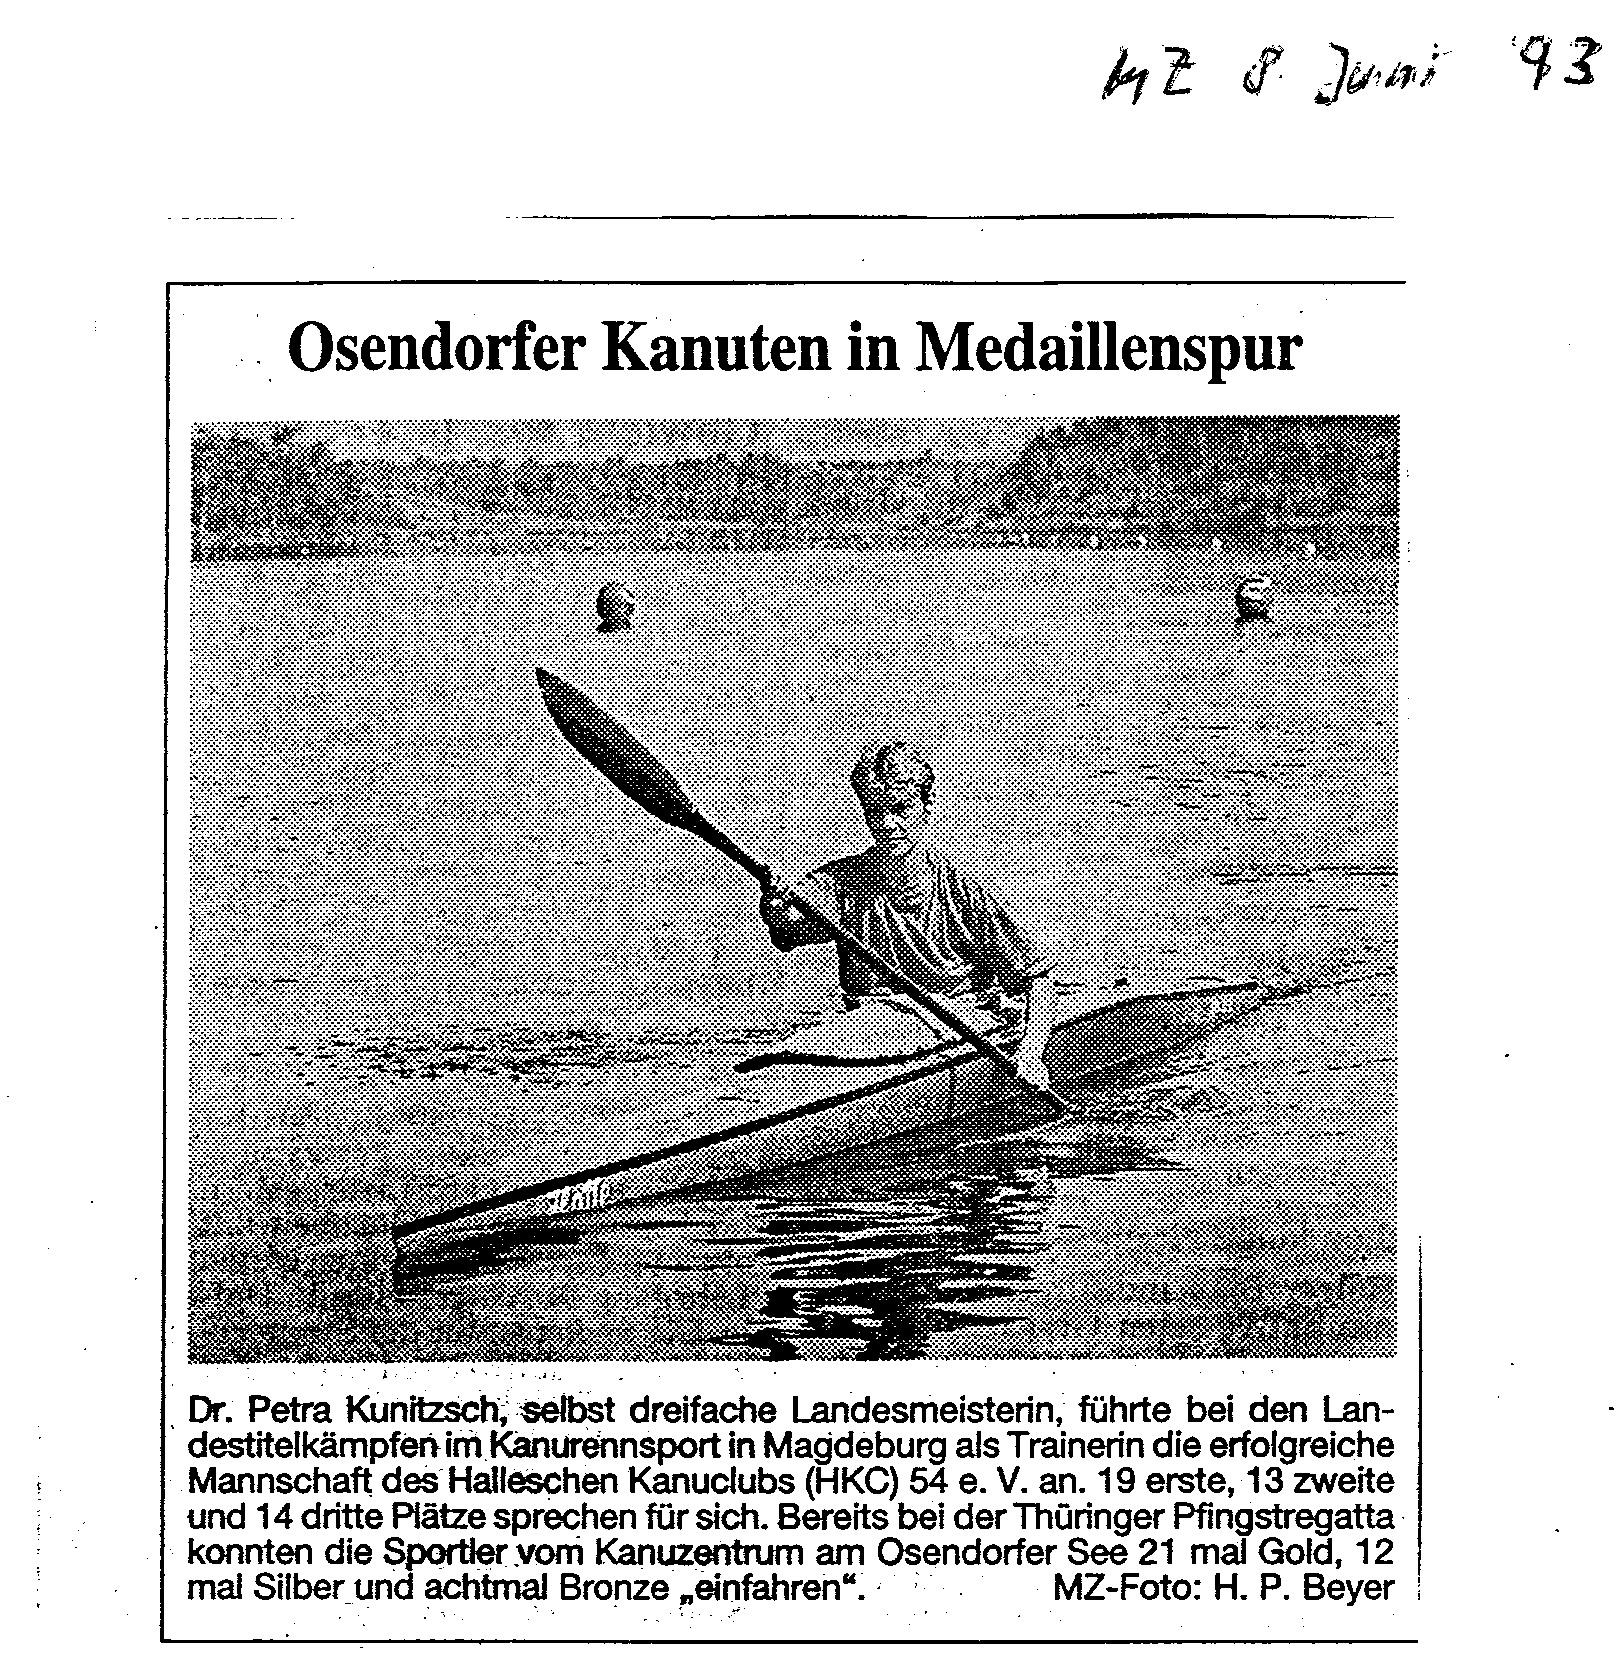 1993-06-08 MZ Osendorfer Kanuten in Medaillenspur